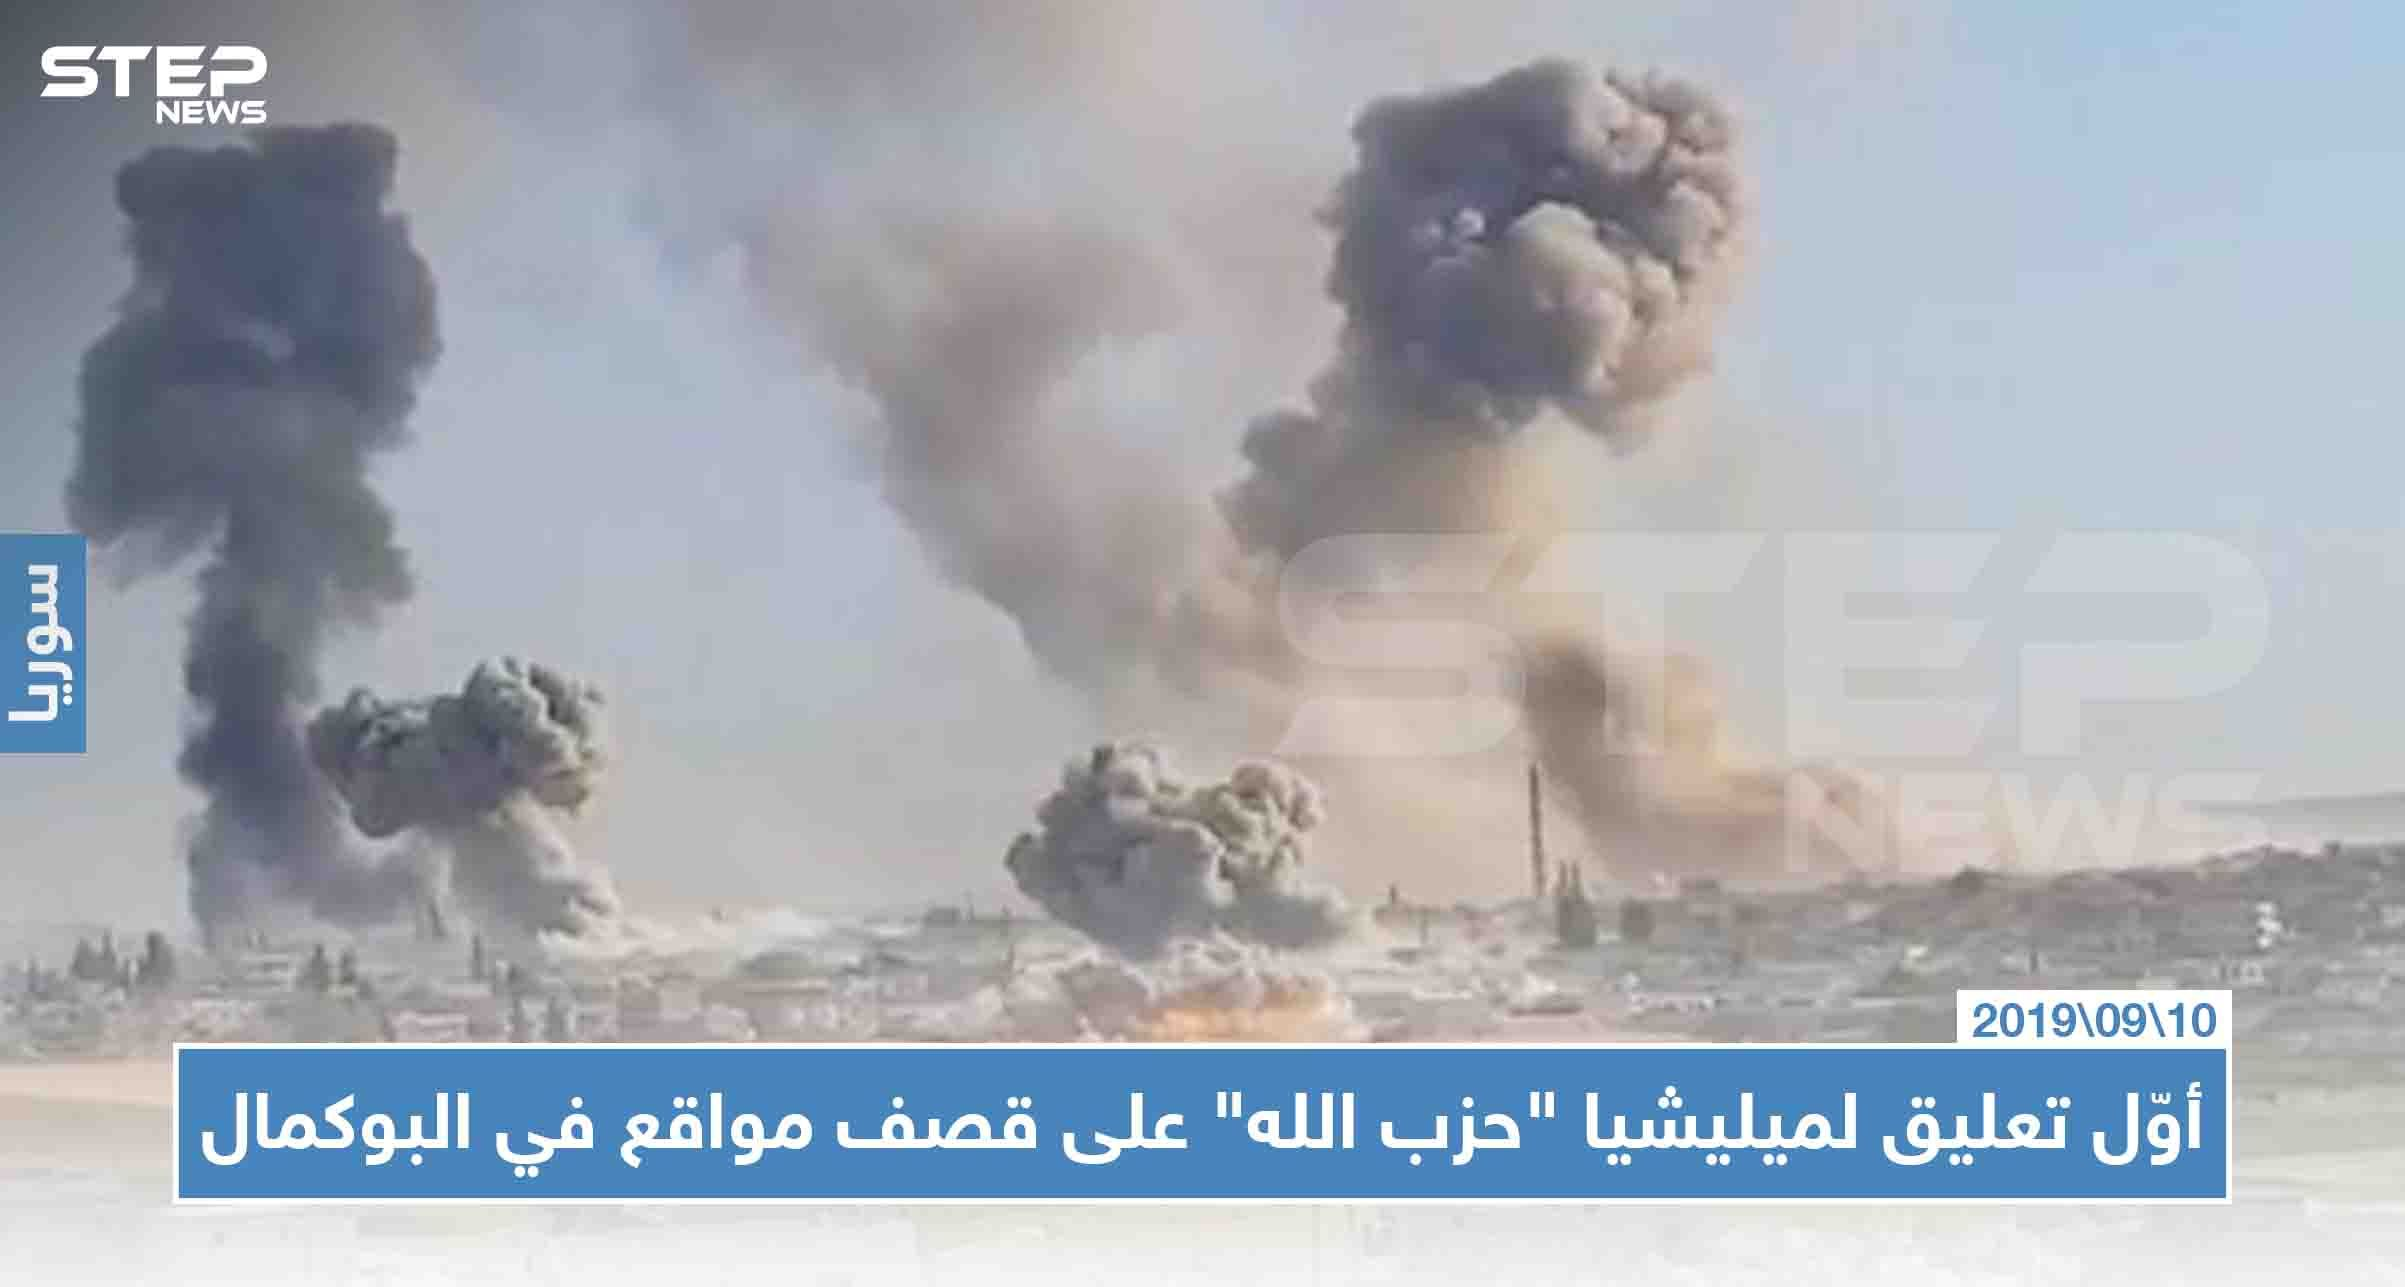 أعلنت وحدة الإعلام الحربي التابعة لميليشيا حزب الله اللبنانية أمس الإثنين أن إسرائيل قصفت معسكر ا للجيش السوري تحت Ashley Johnson Karen Page Selina Kyle